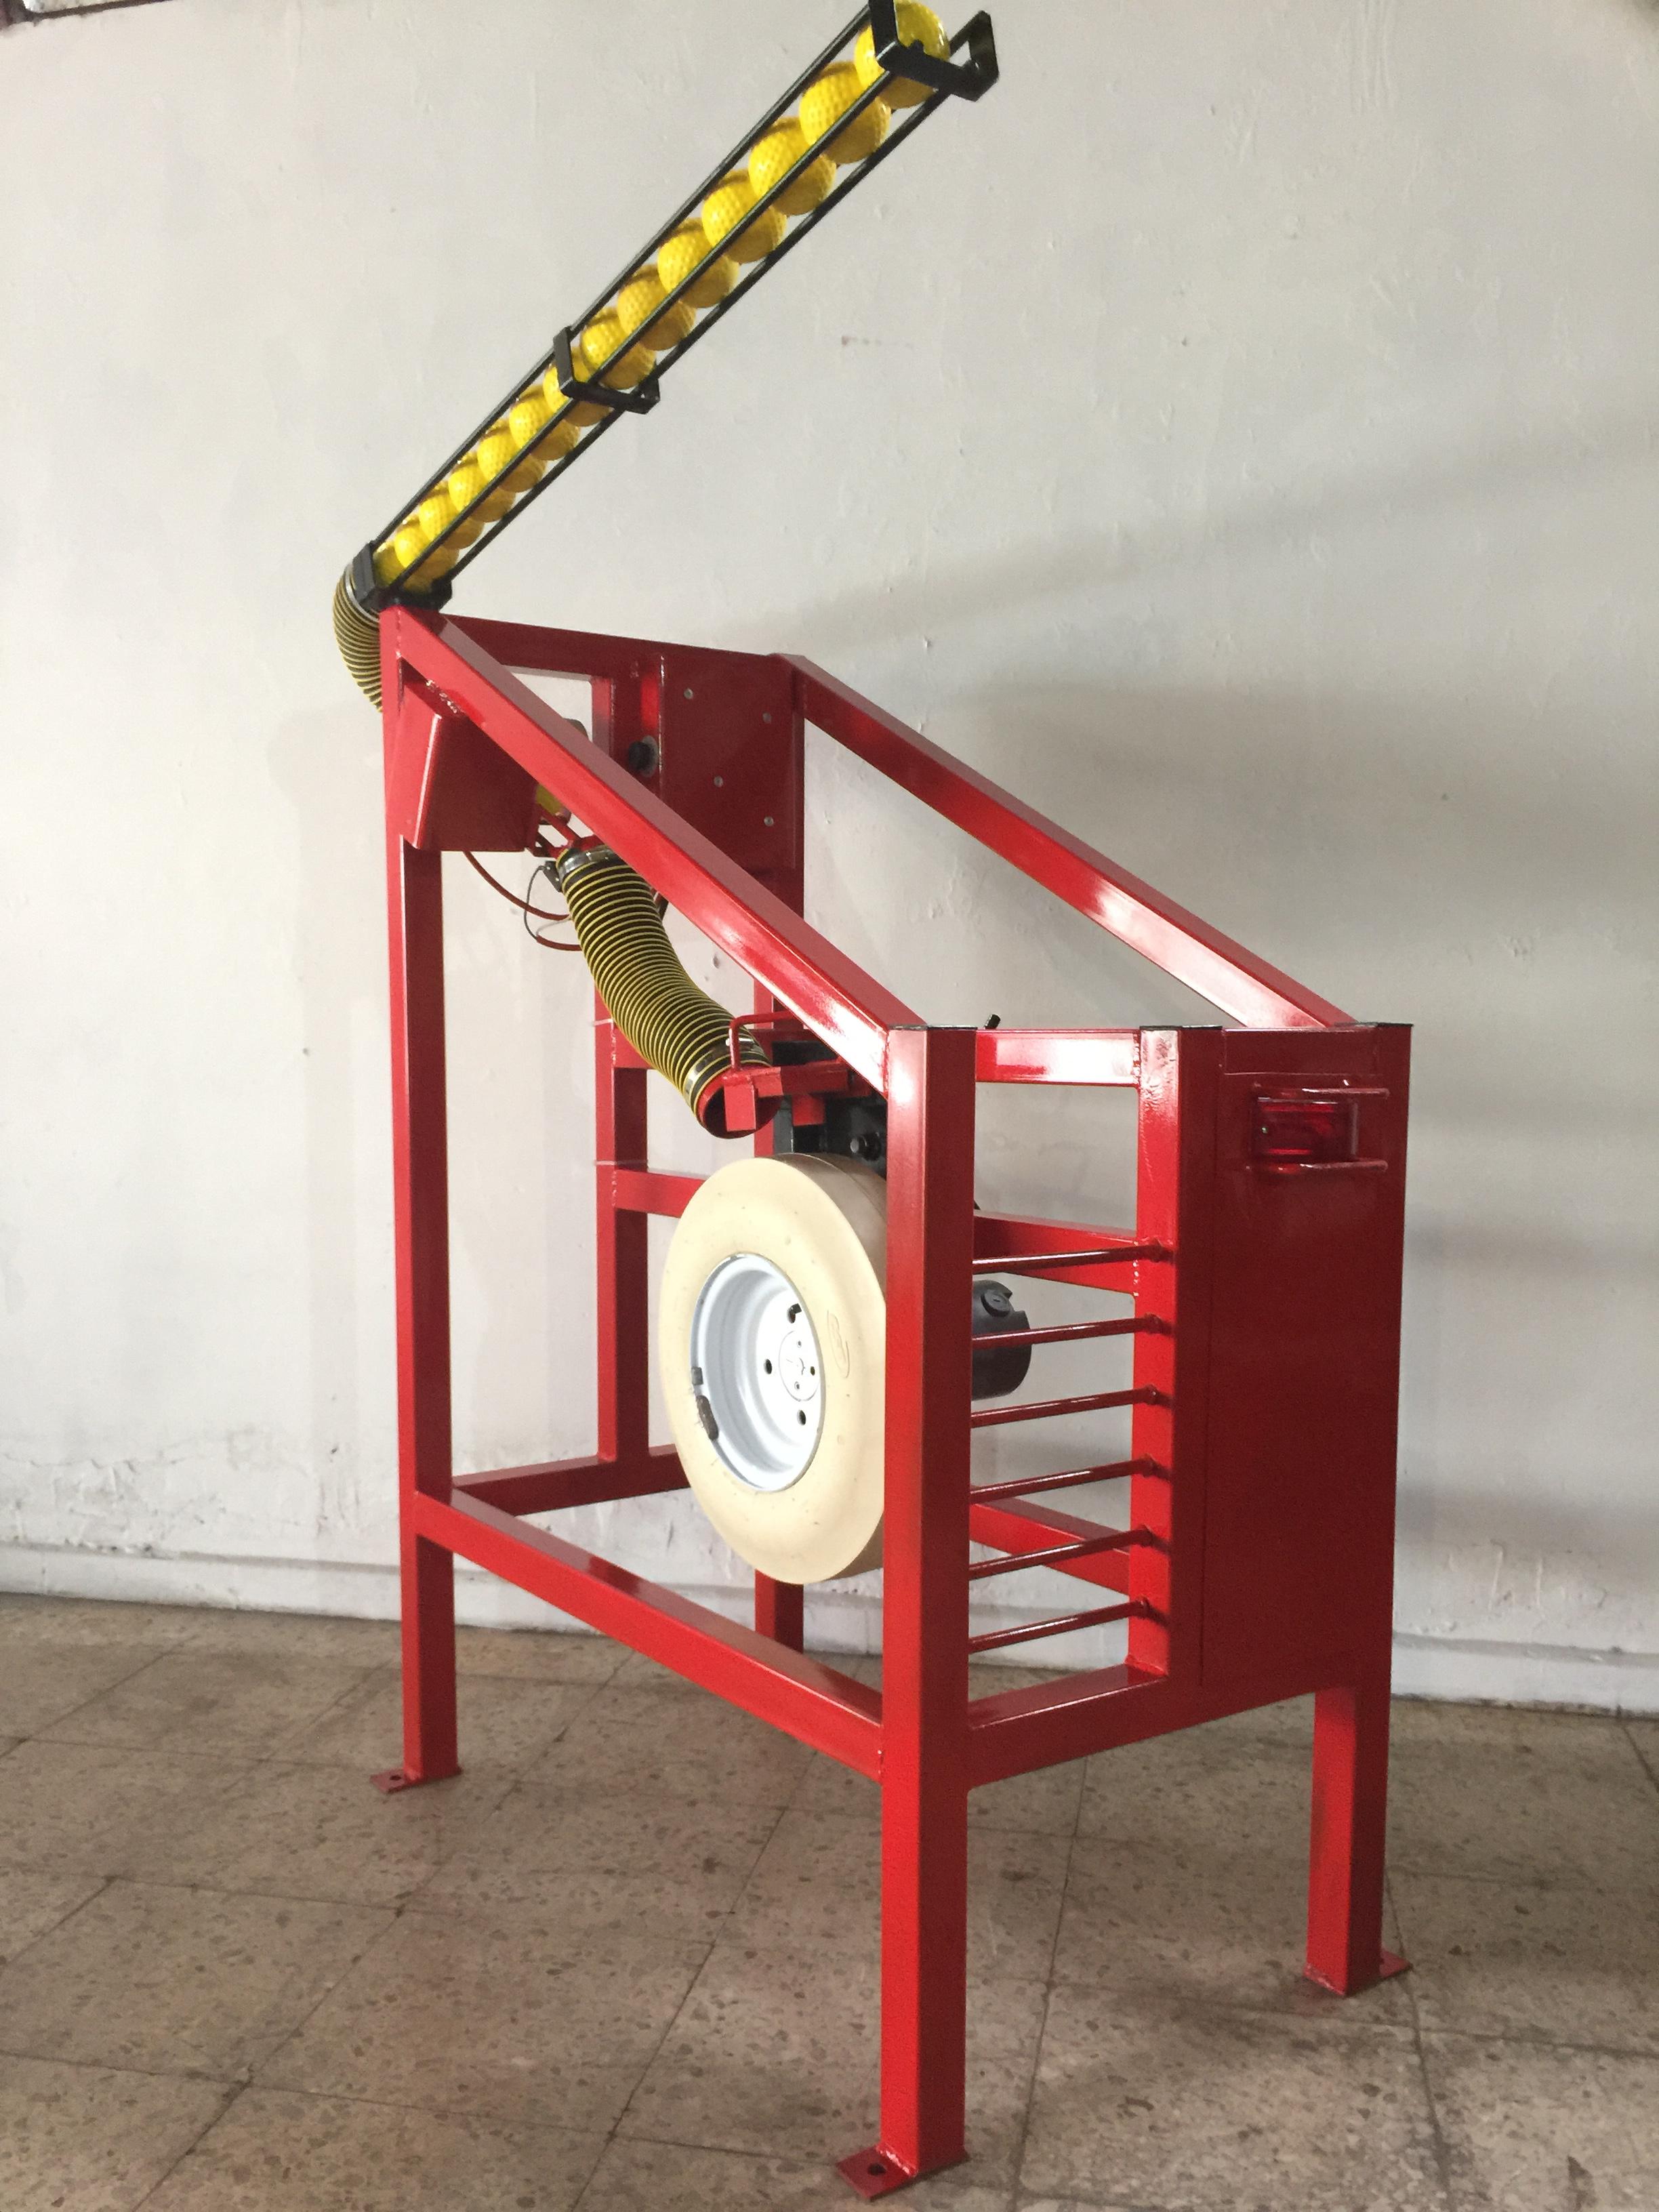 fast pitch pitching machine